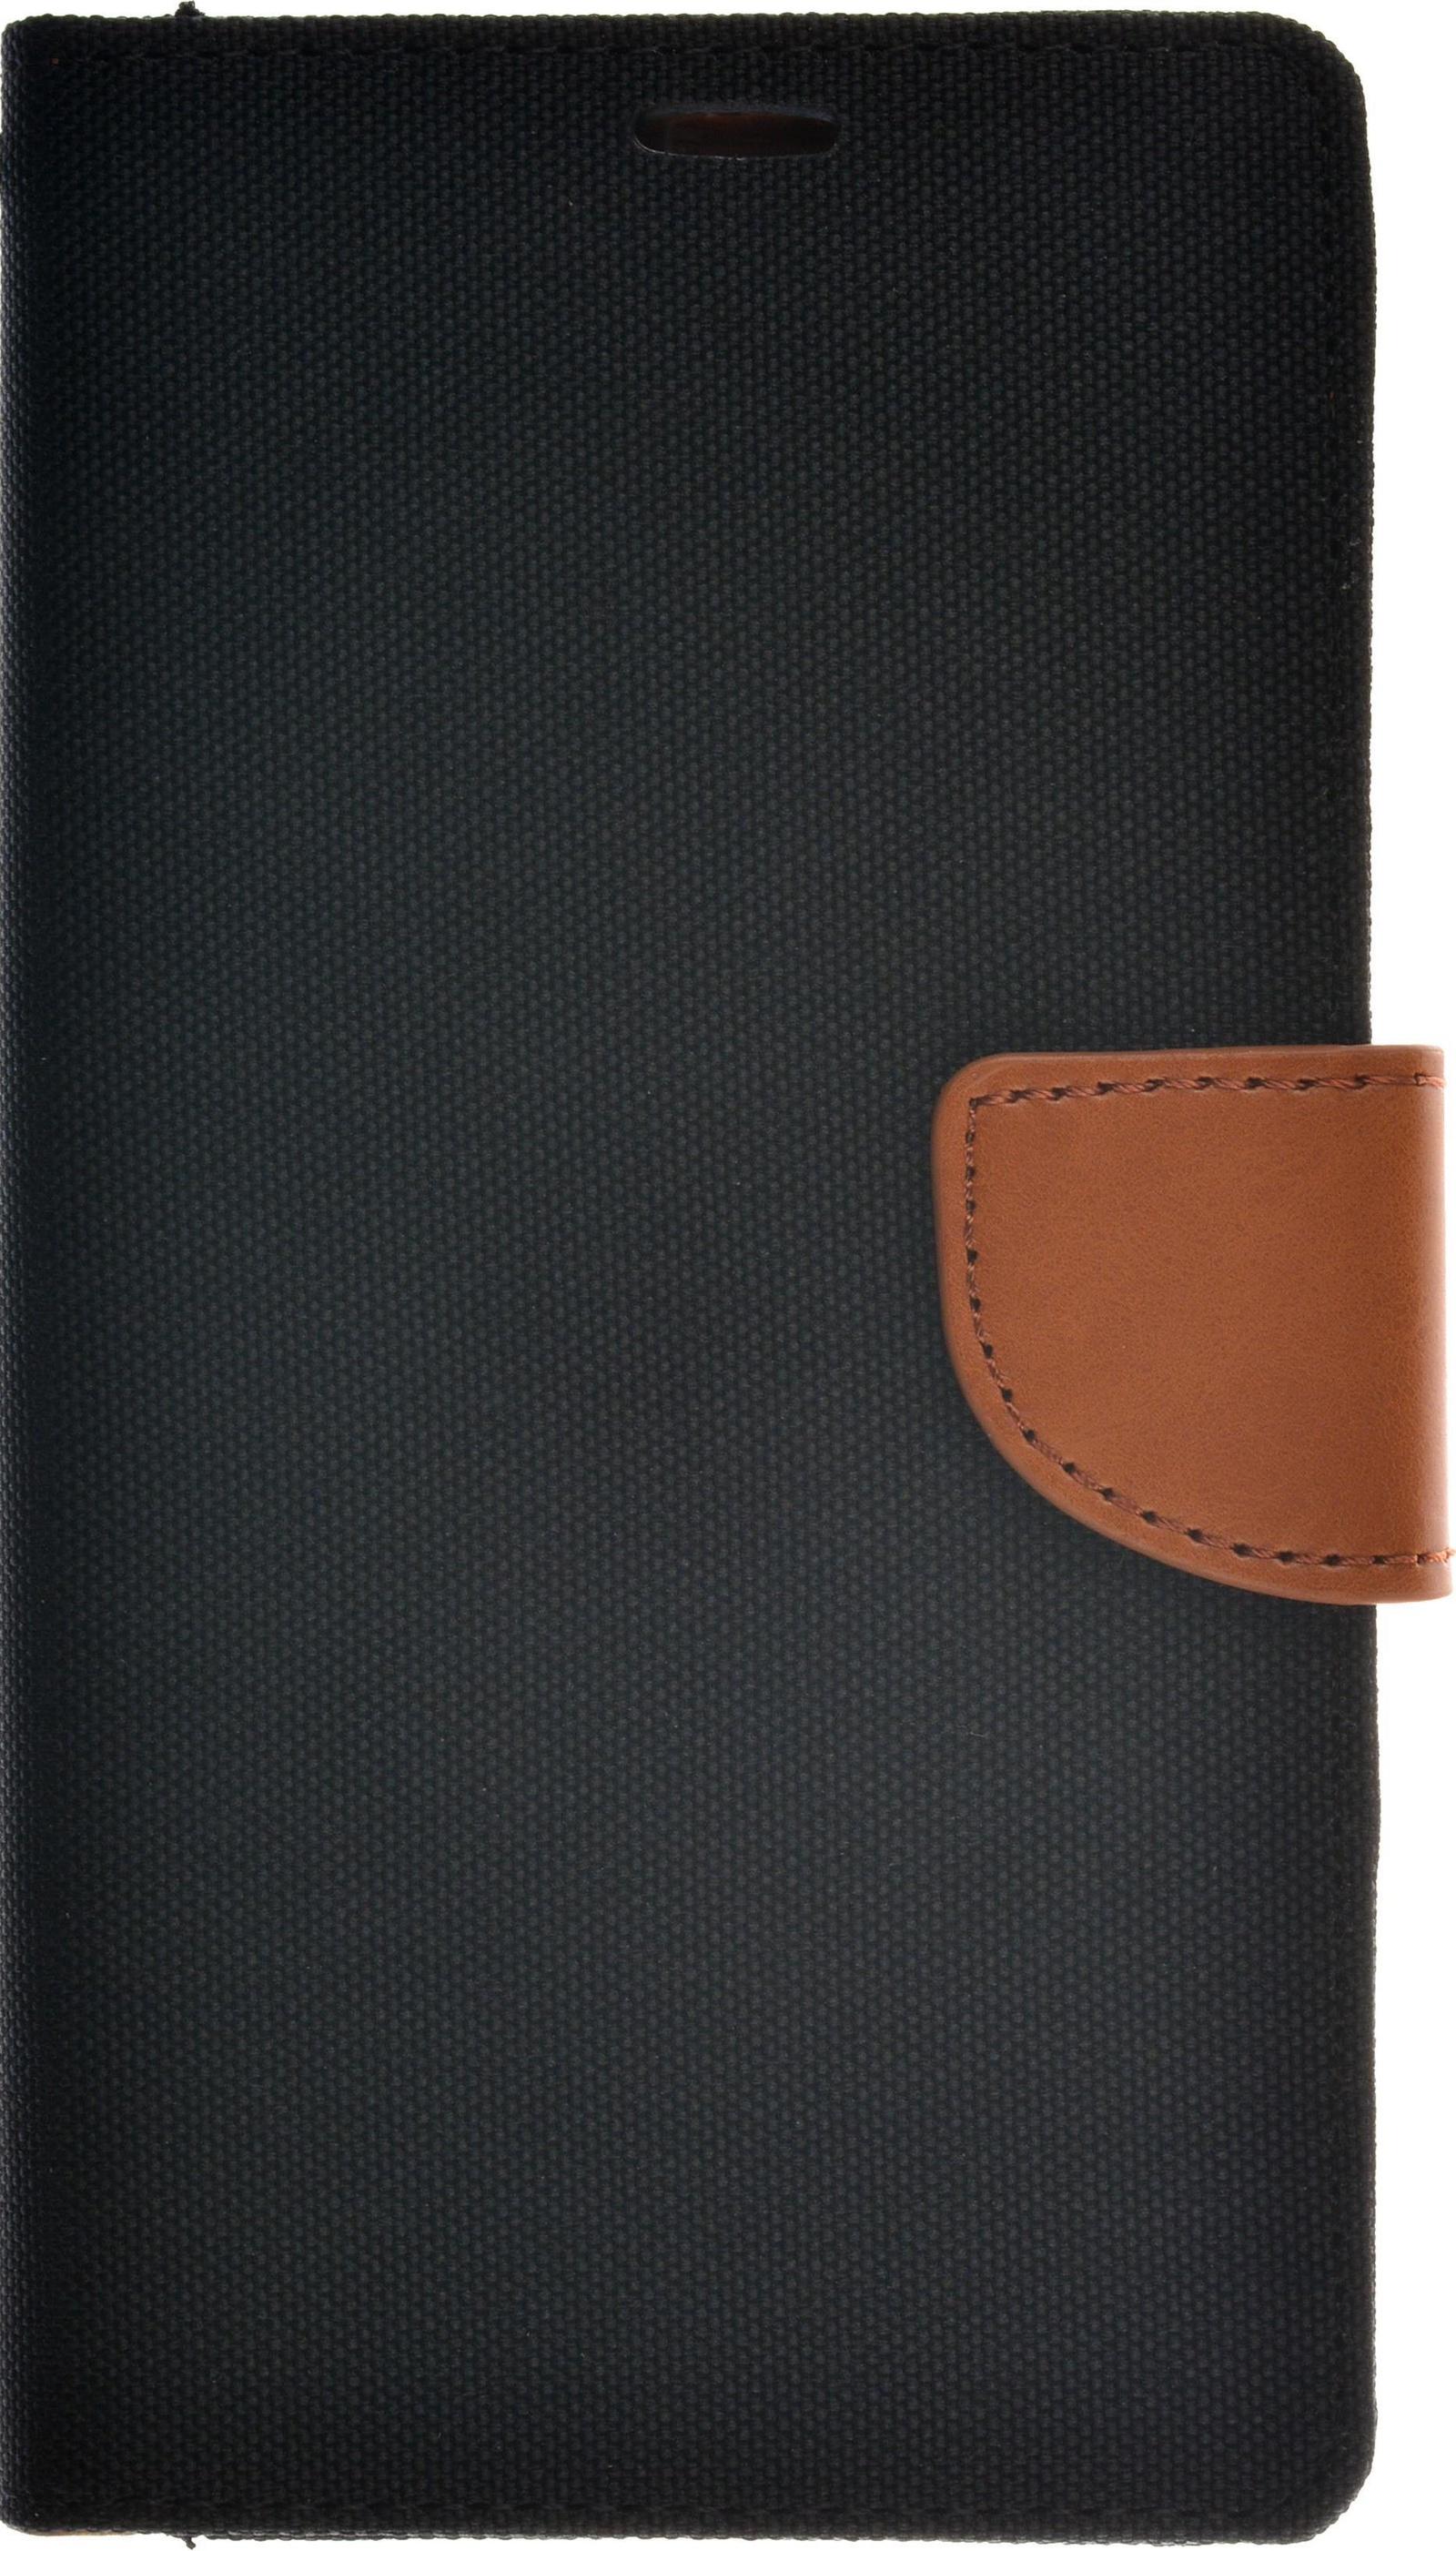 Чехол для сотового телефона skinBOX MS, 4660041407303, черный чехол защитный skinbox asus zenfone 2 laser ze601kl